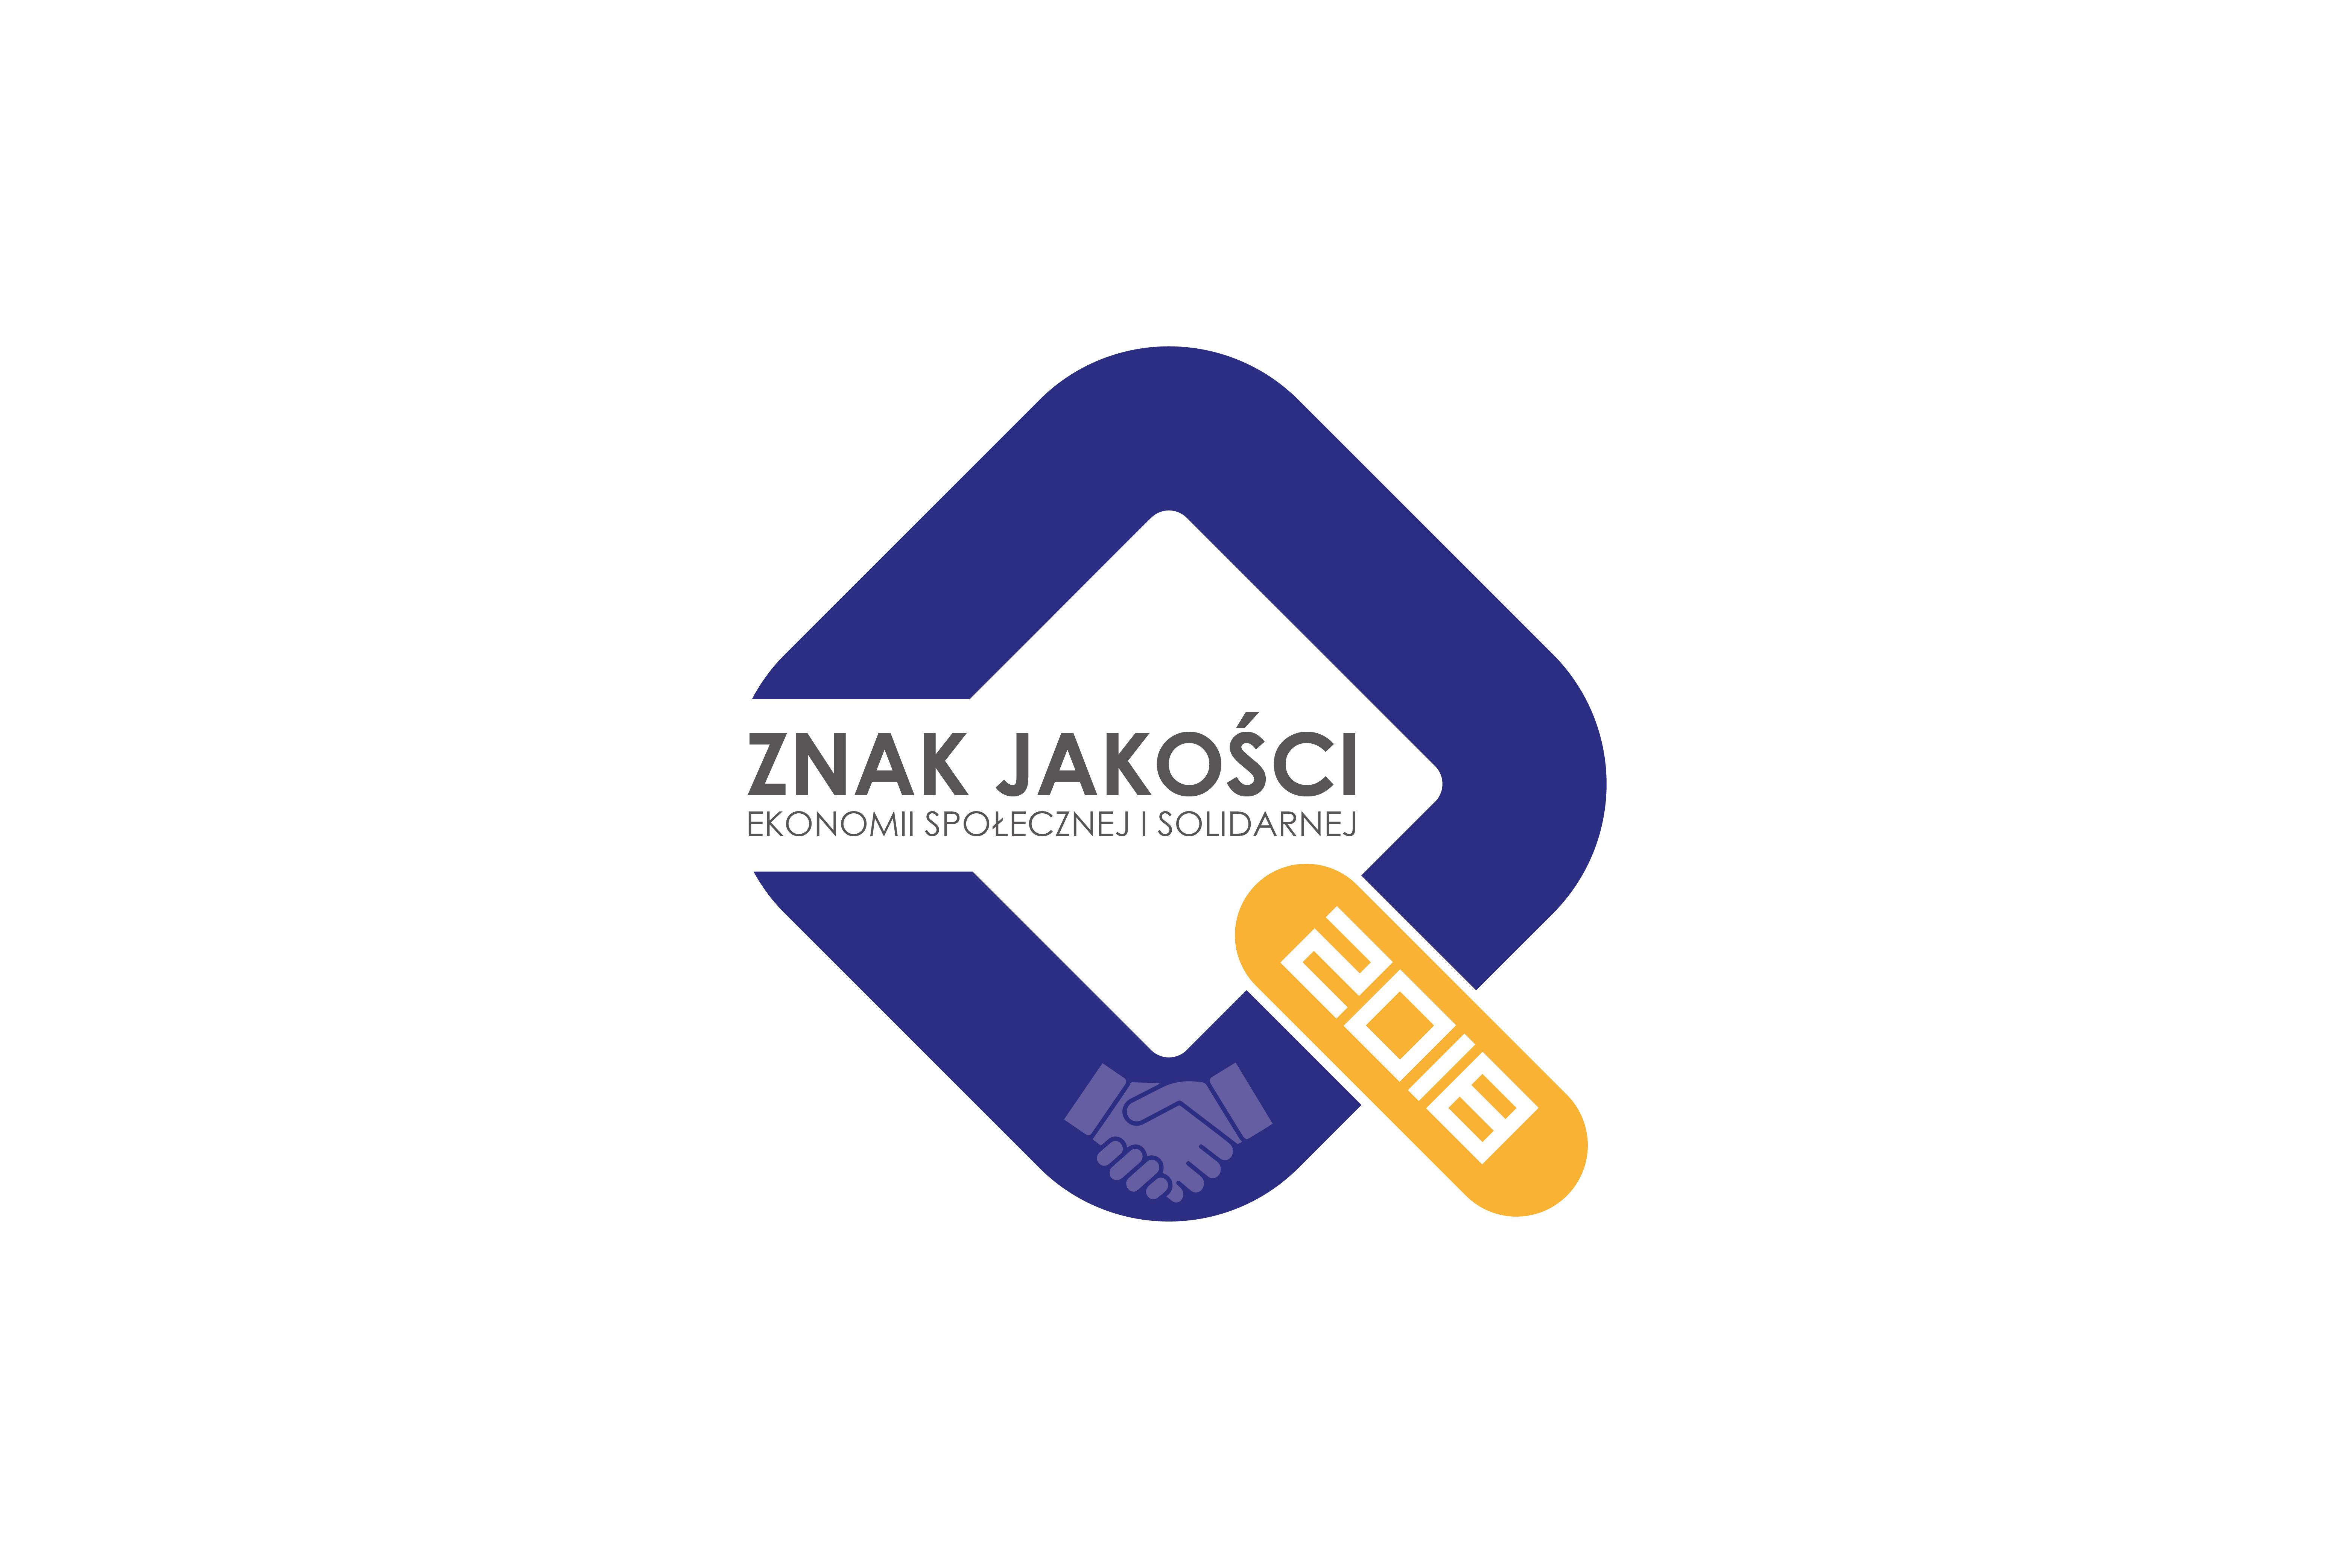 znak_jakosci_ekonomii_spolecznej_i_solidarnej